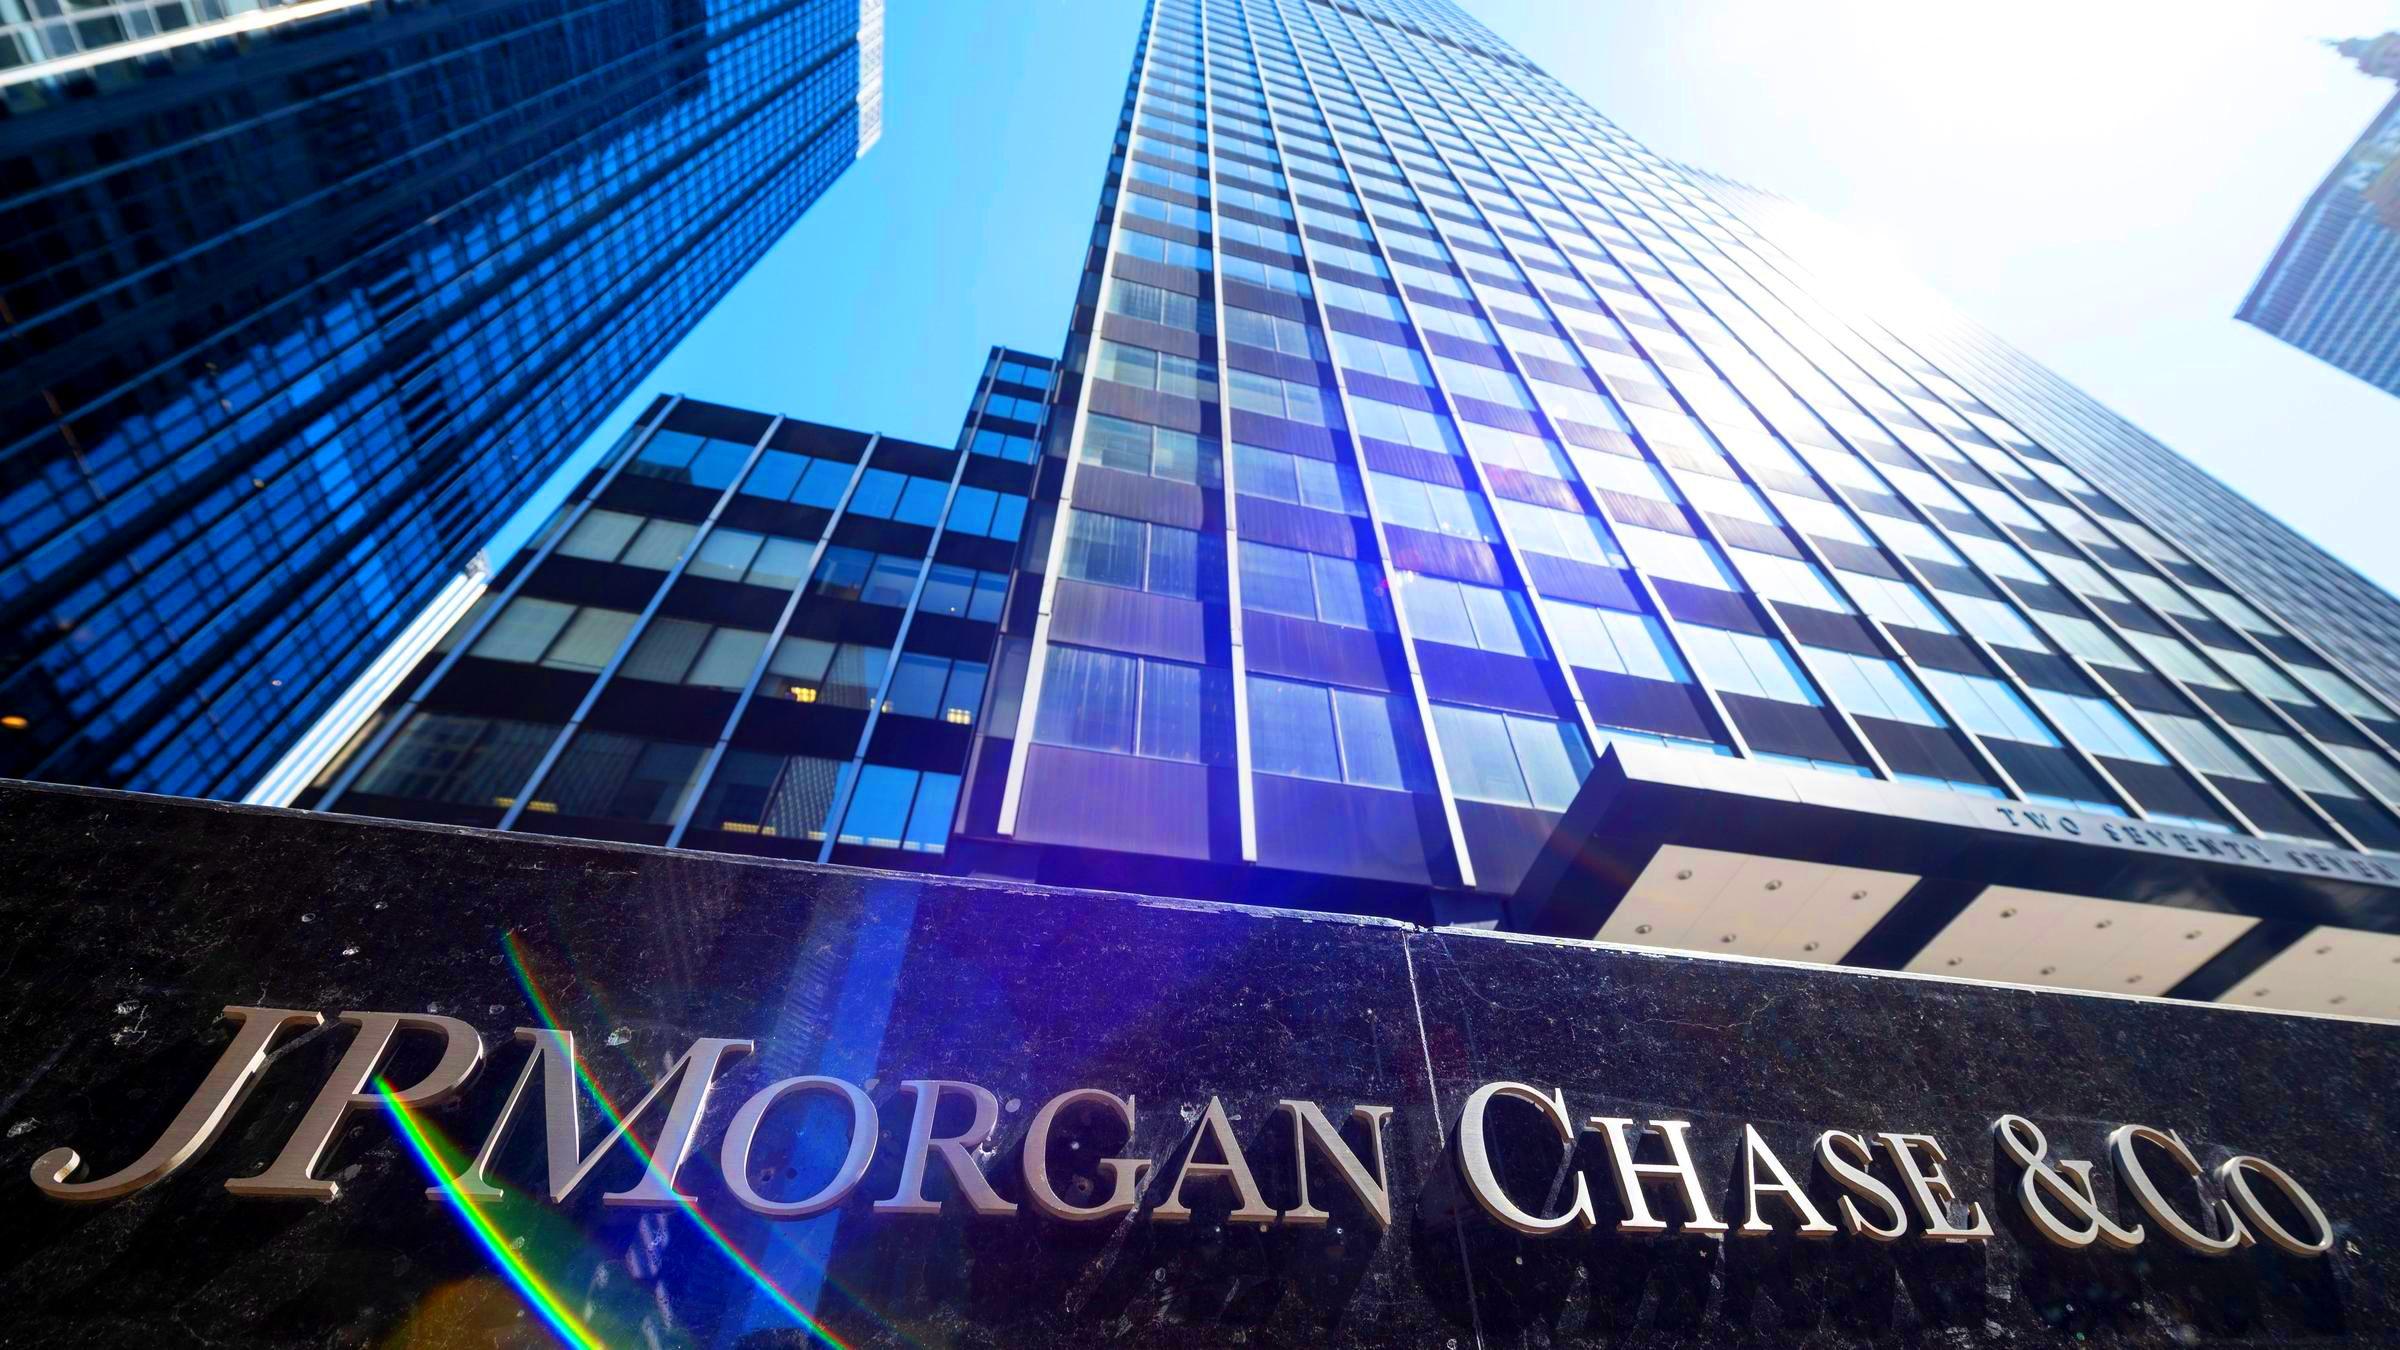 JPMorgan Chase empieza a aceptar negocios de Bitcoin y presta servicios bancarios